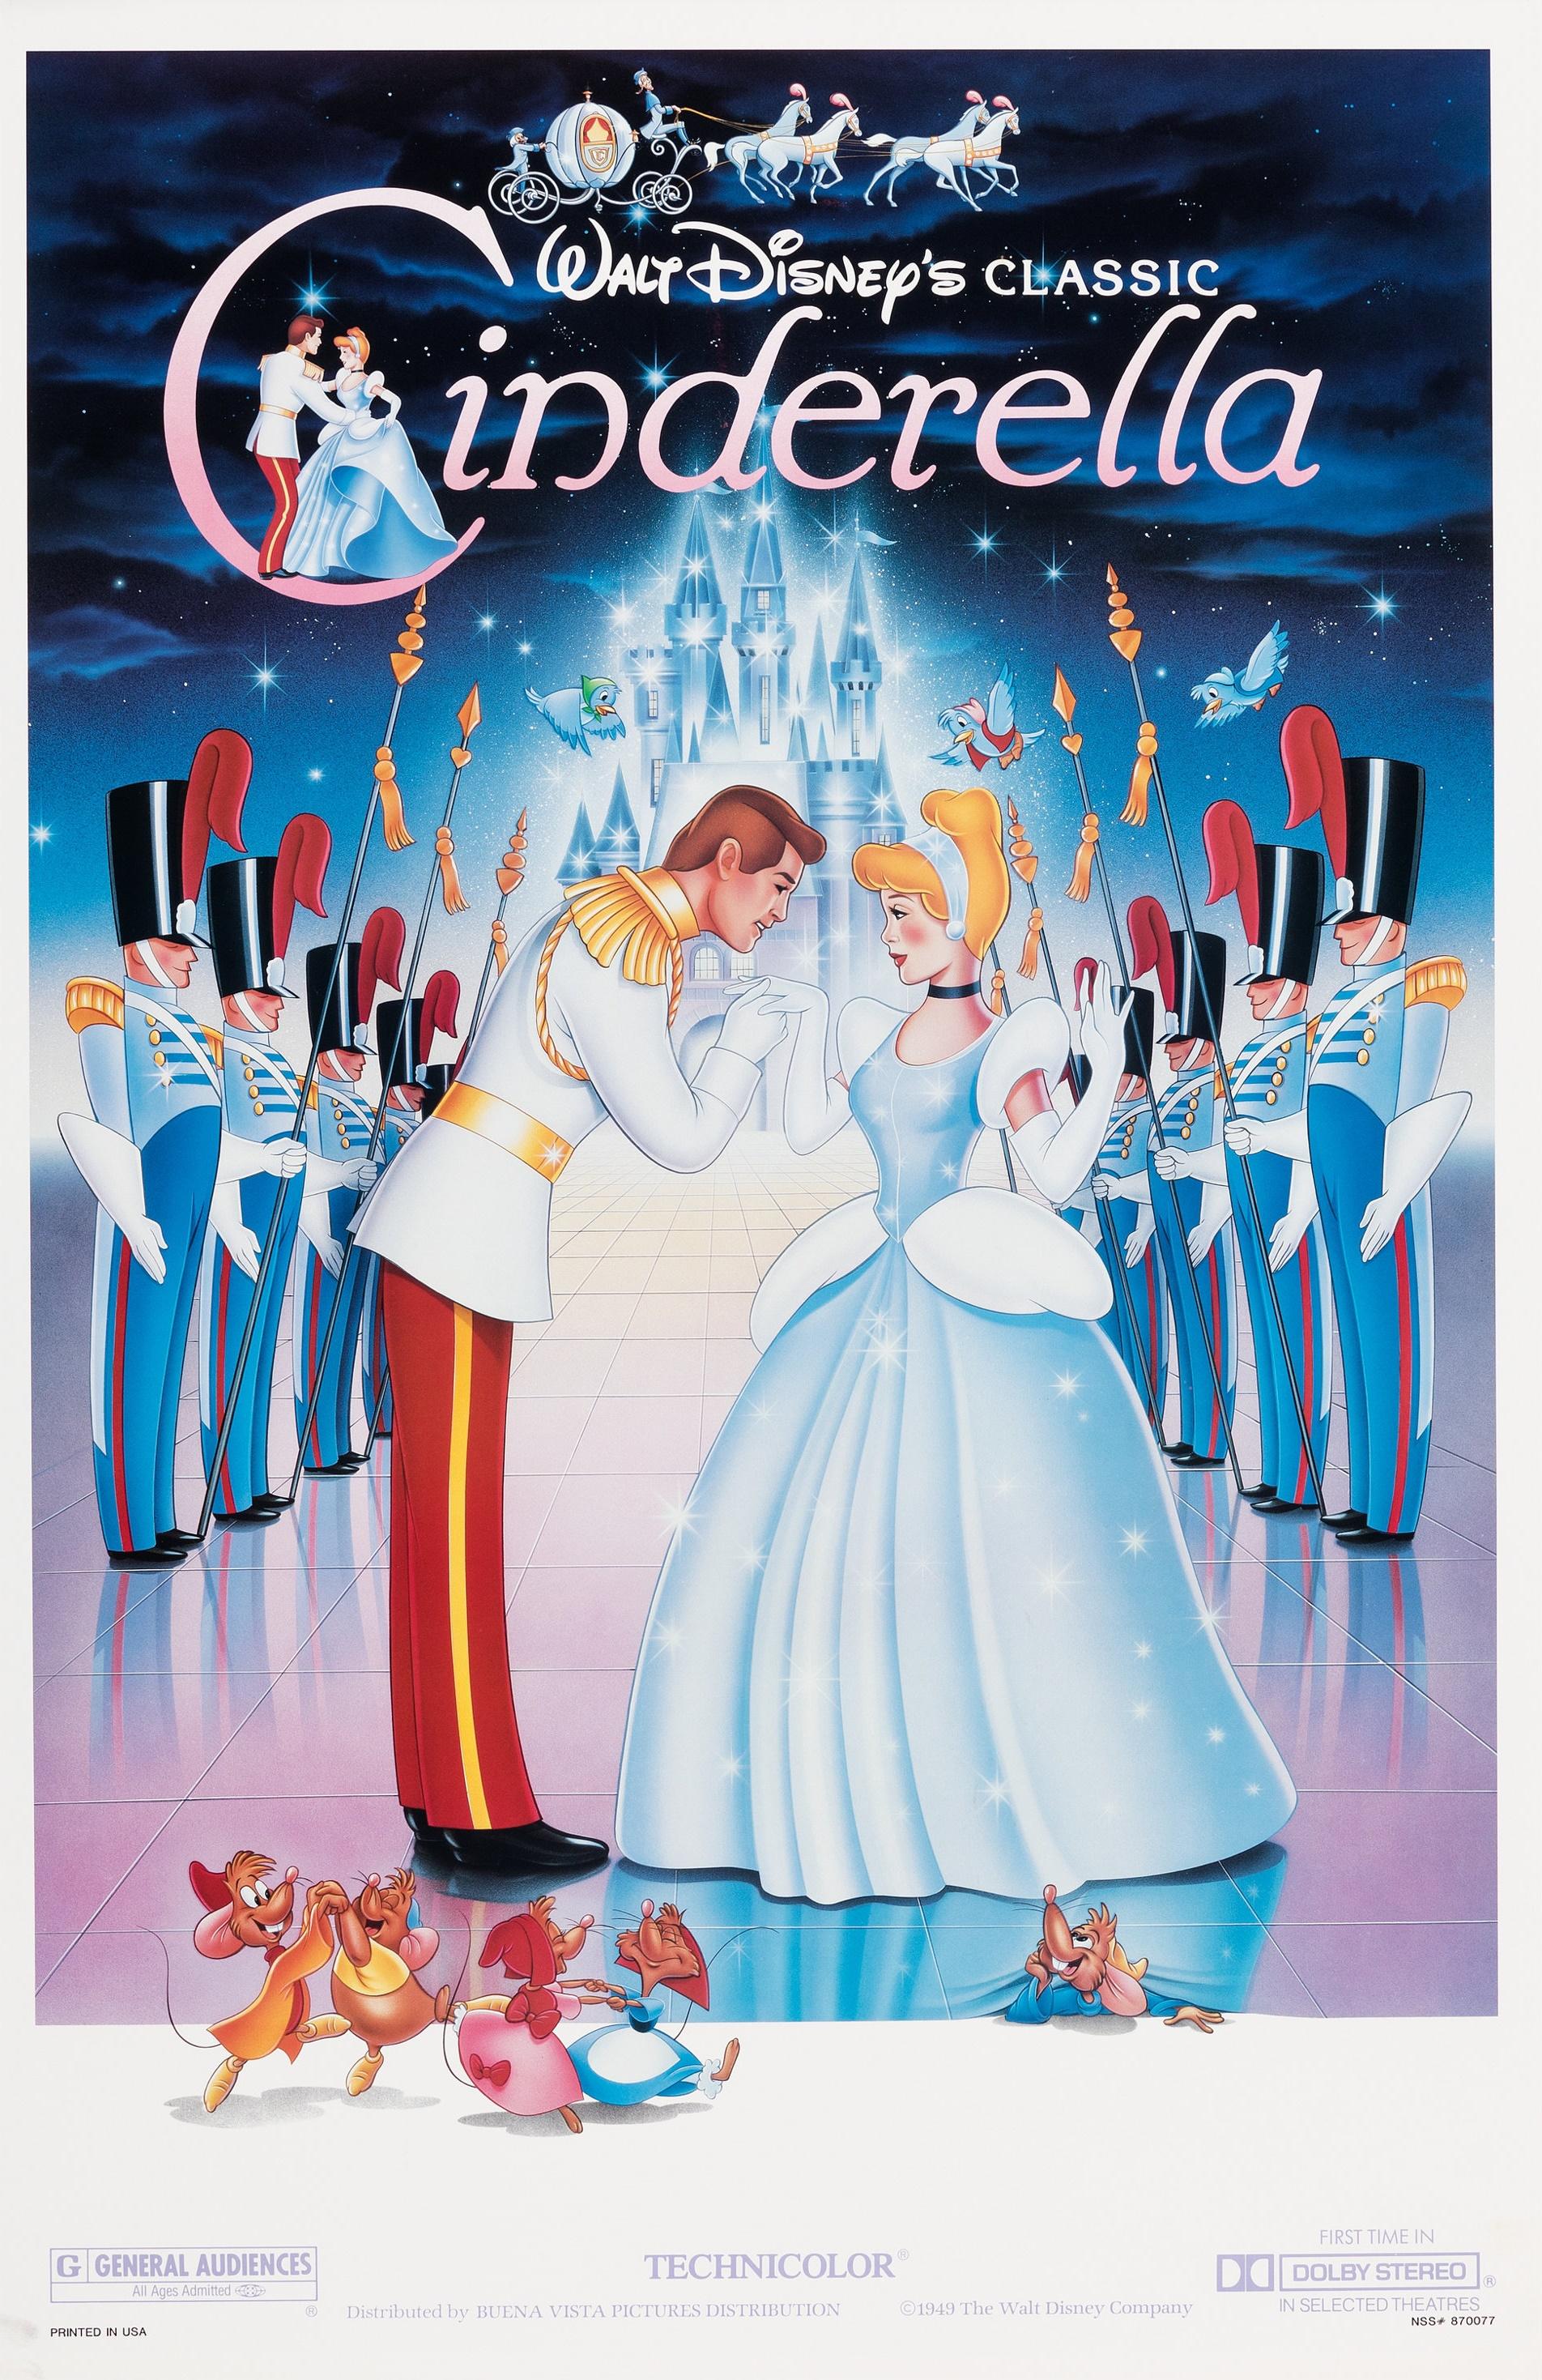 Cinderella Movie Poster cinderella 7790333 580 889 Bom tấn Cinderella – Cô bé Lọ Lem từ trang sách lên điện ảnh